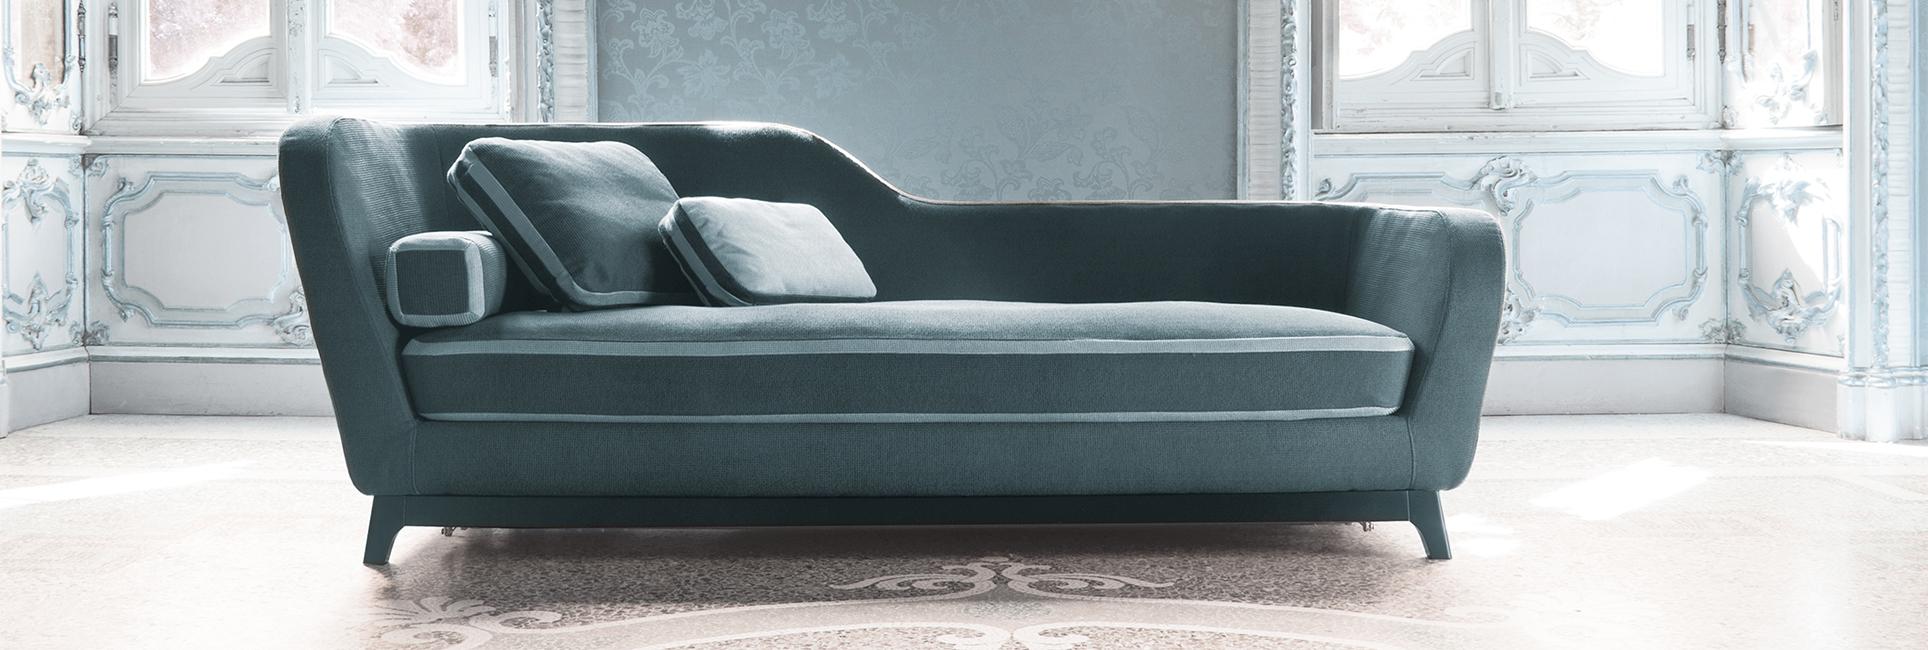 fling tiana seater sky sofa beds dfs bed